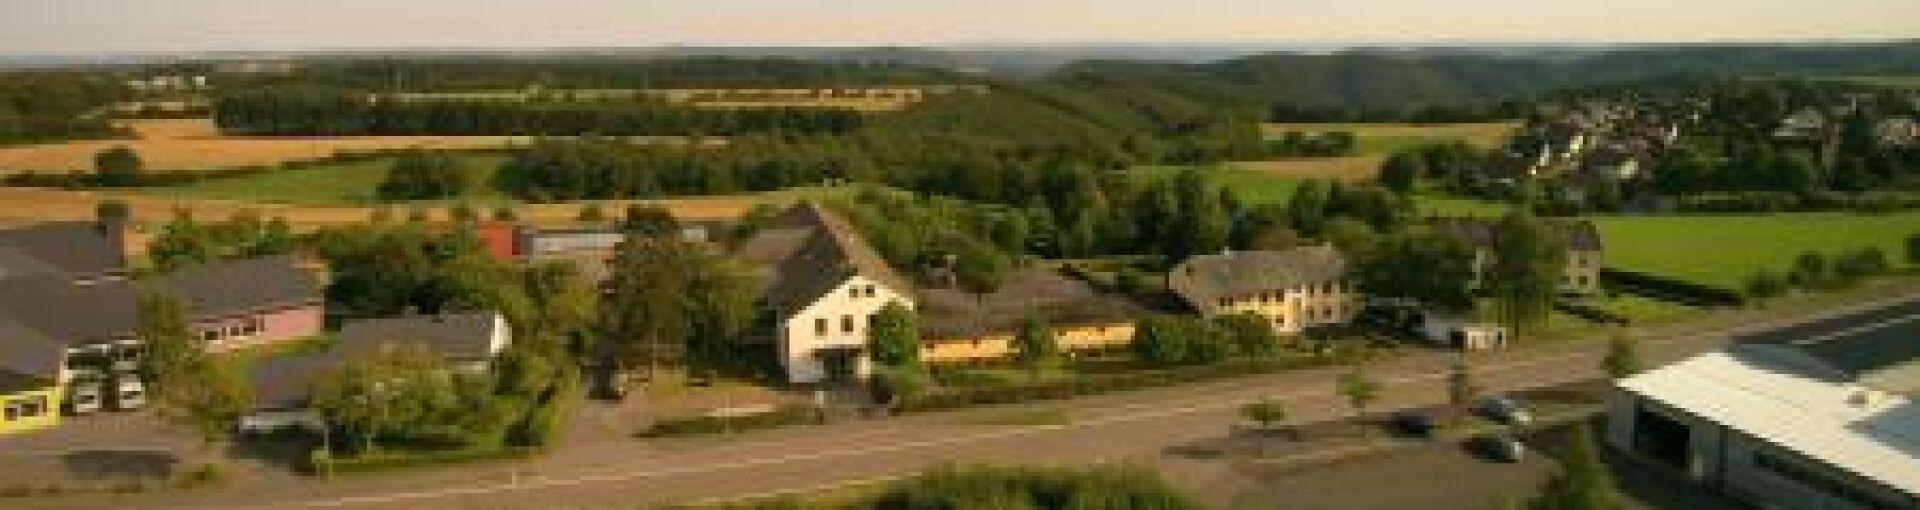 Luftbild Grundschule Cochem-Dohr